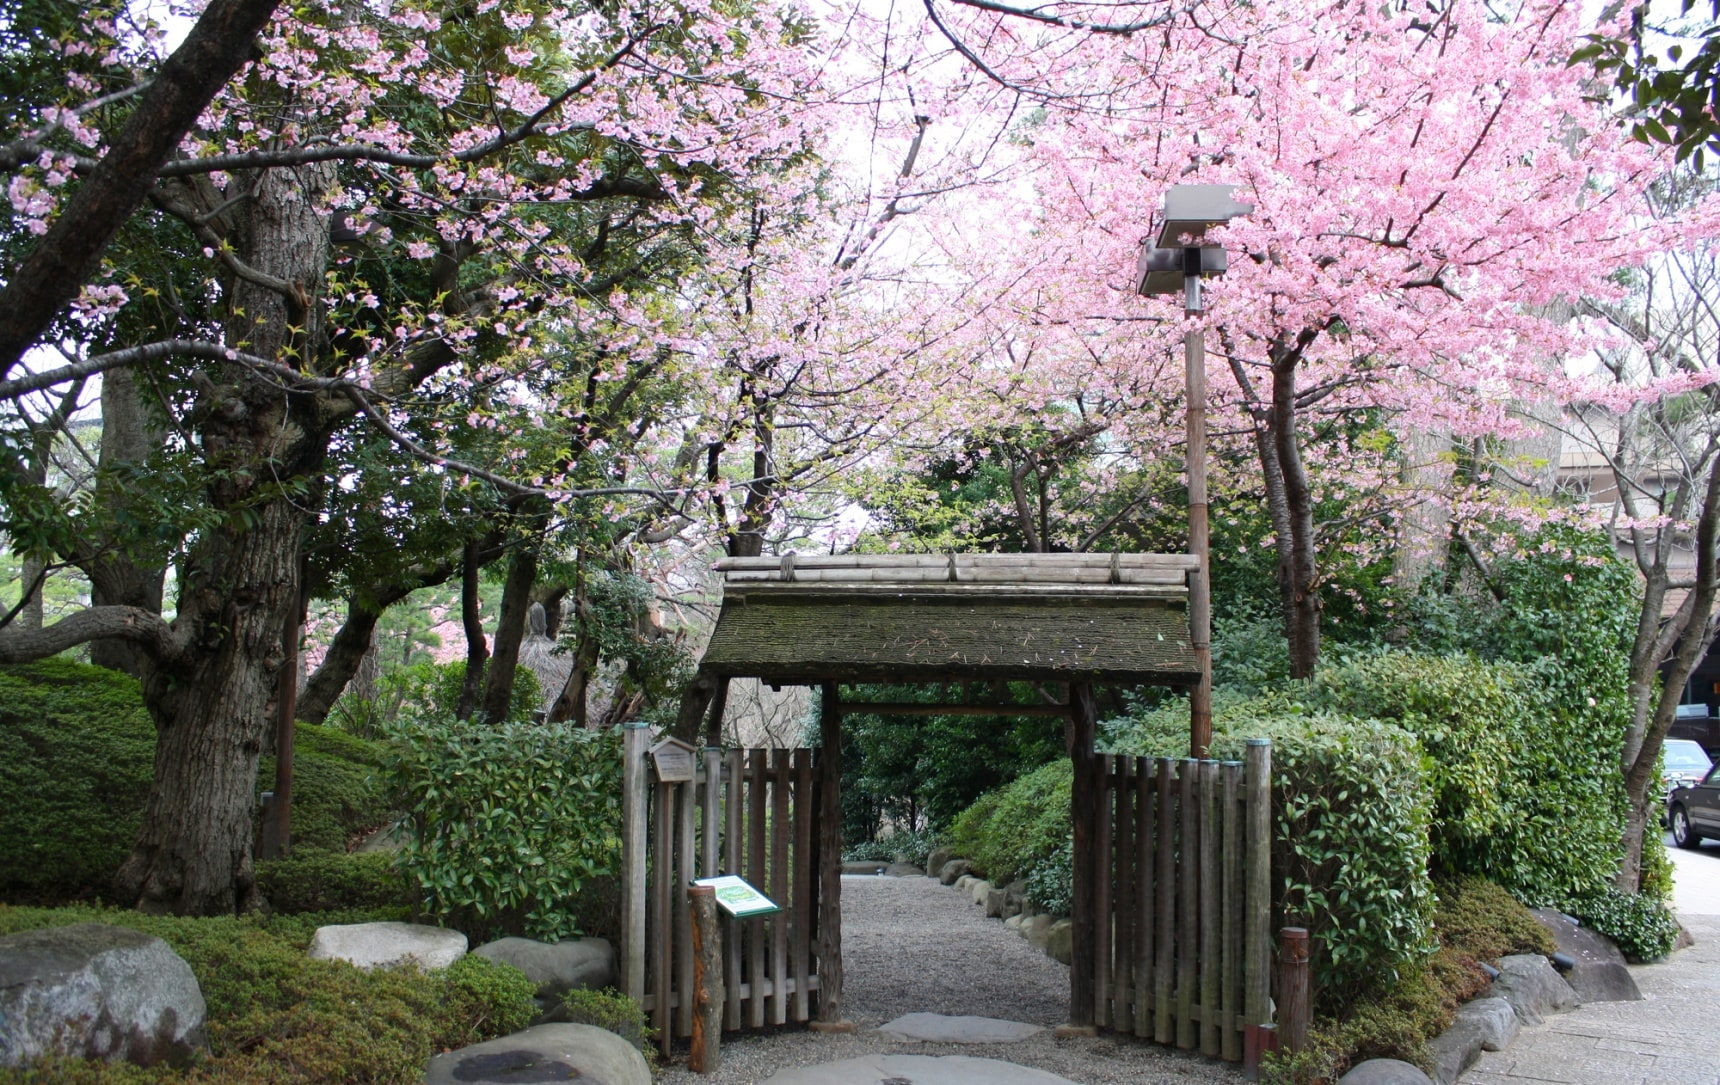 日本东京:不可错过的精致庭园——八芳園